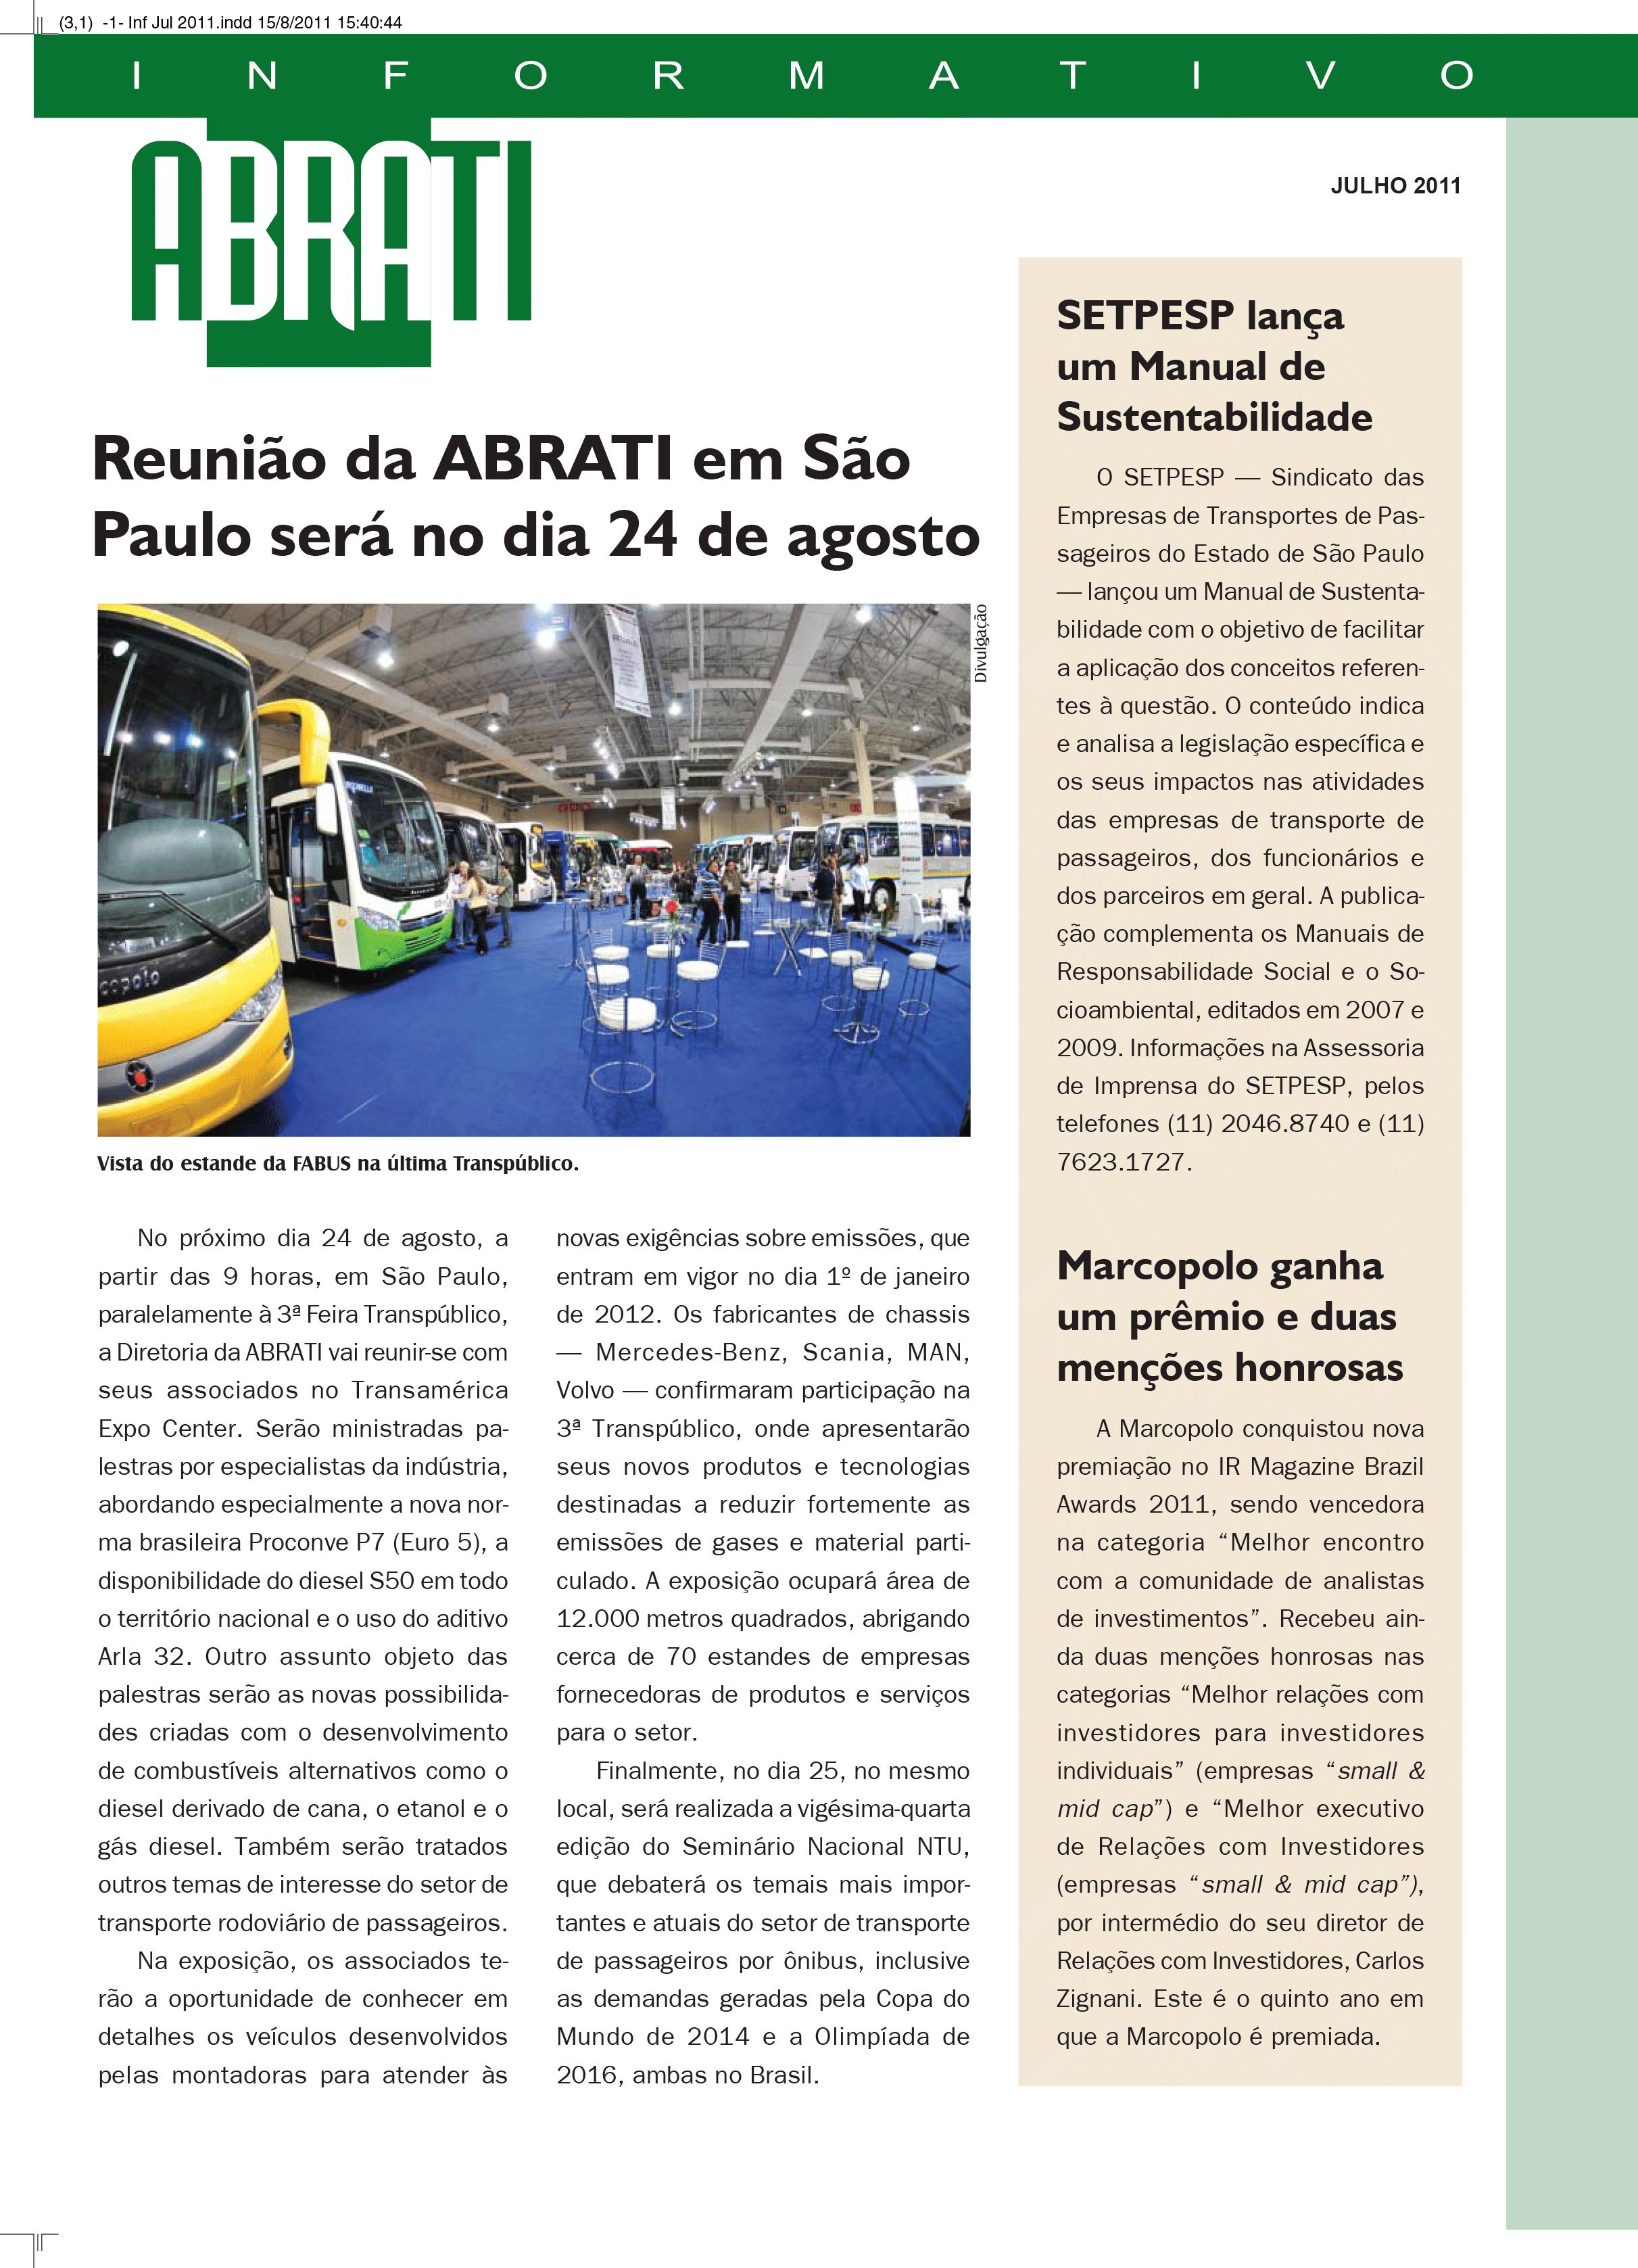 Informativo Julho 2011